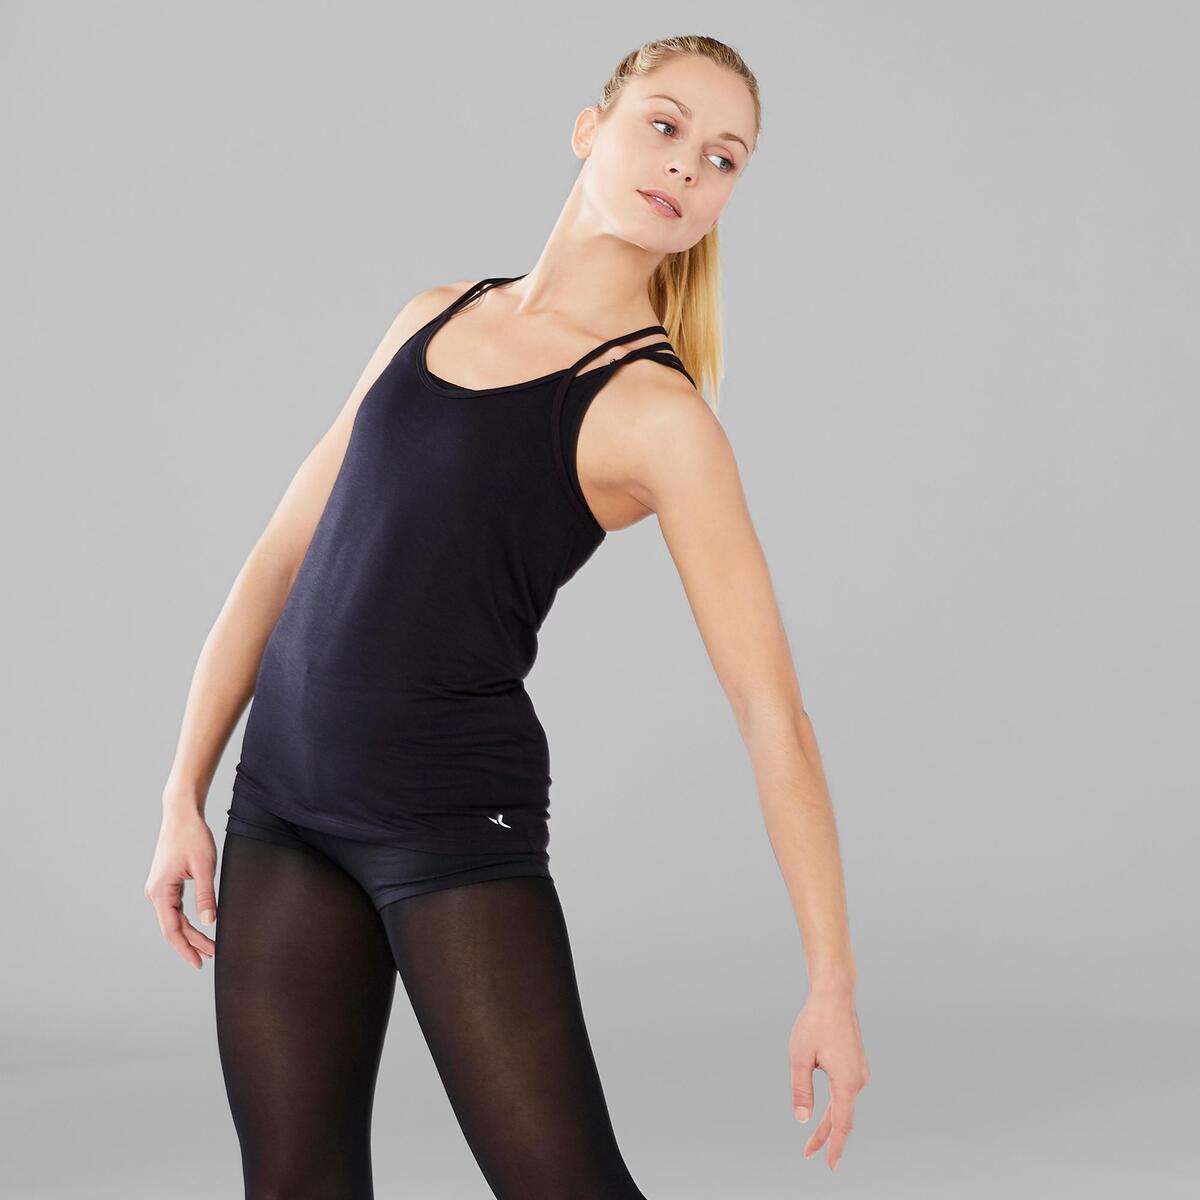 Bild 3 von Top Modern Dance fließend Damen schwarz